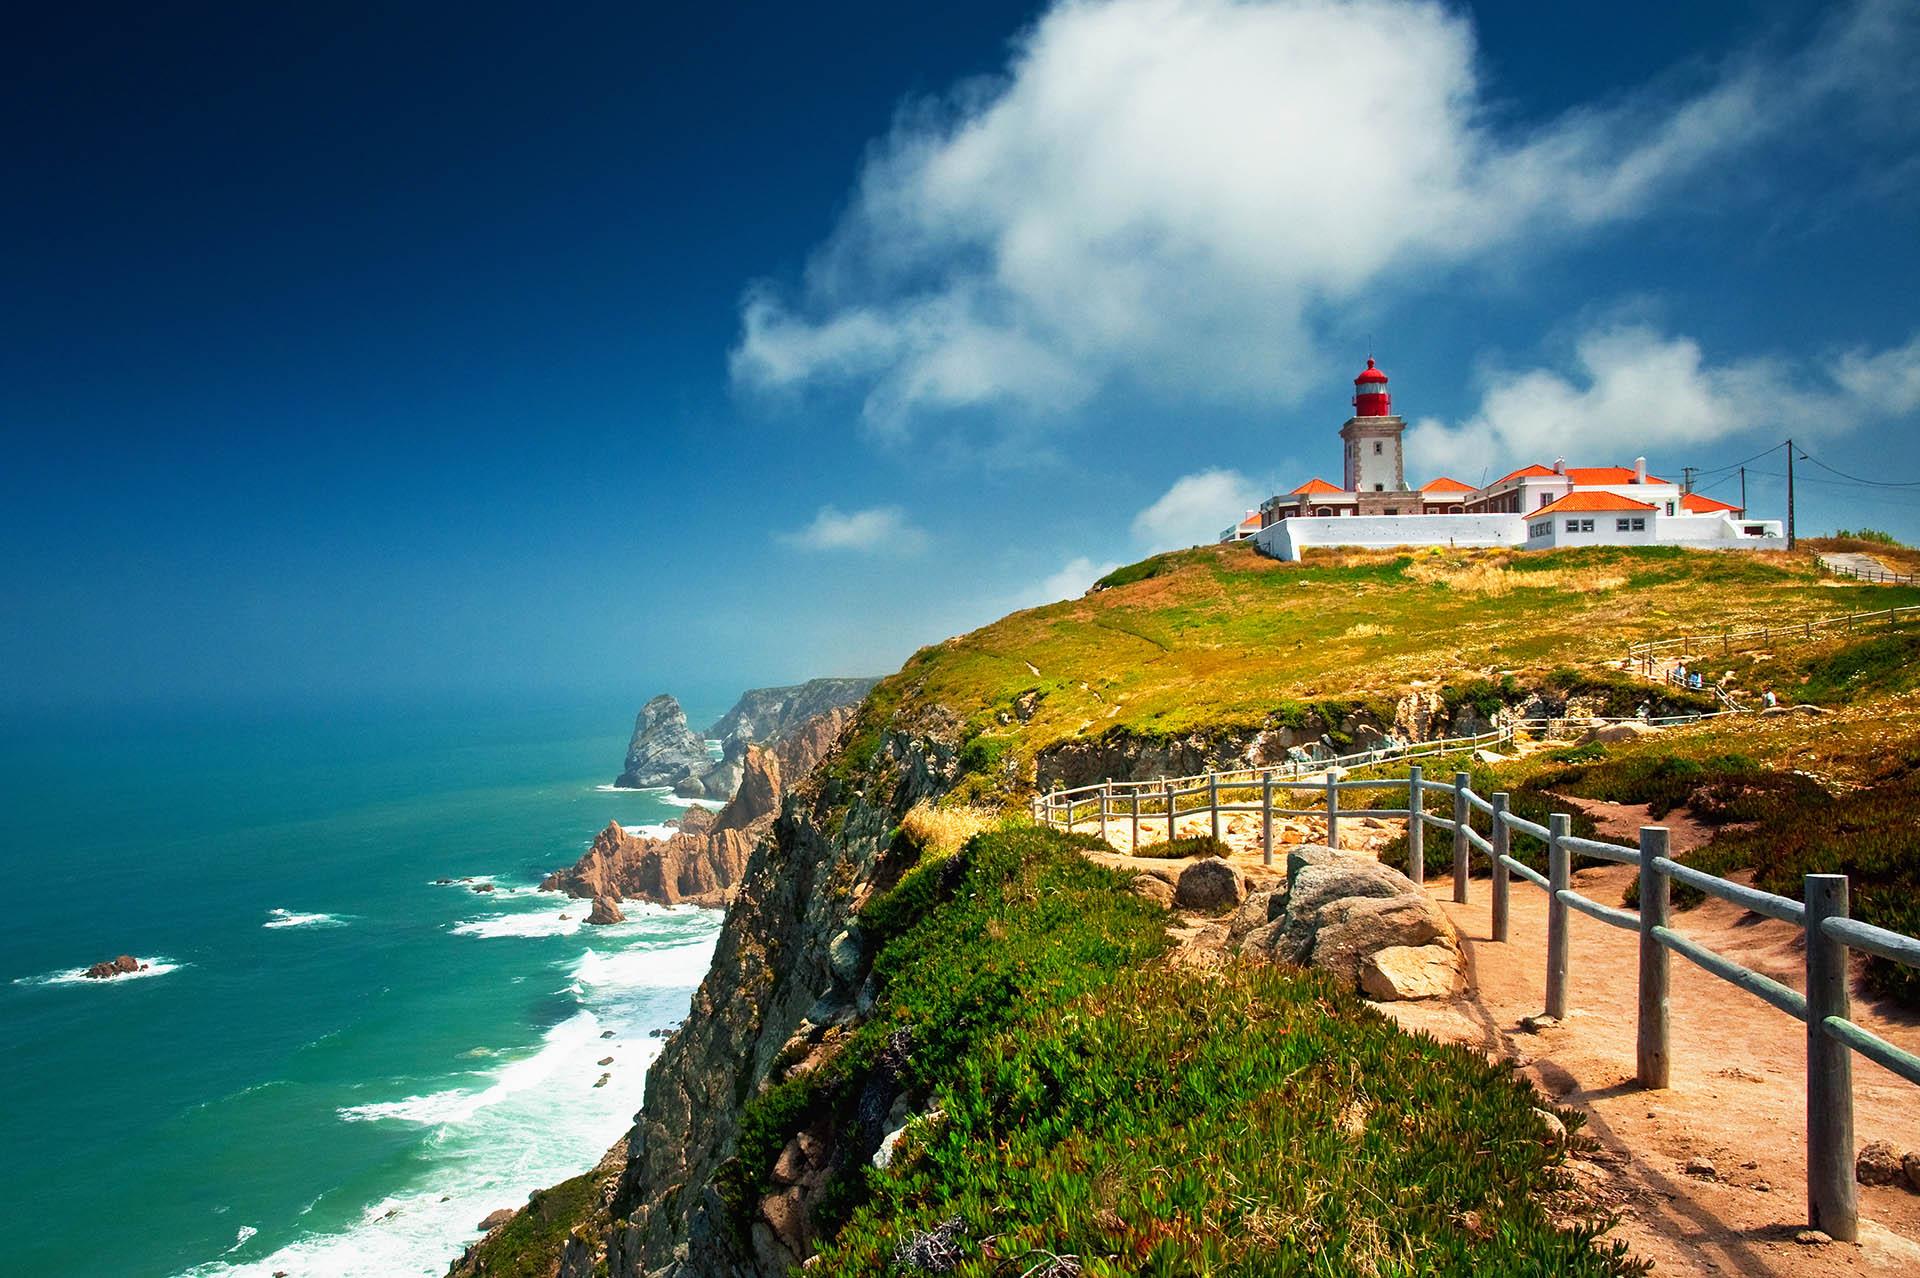 Автобусный тур в Португалию из Минска Тур в Португалию с отдыхом на океане